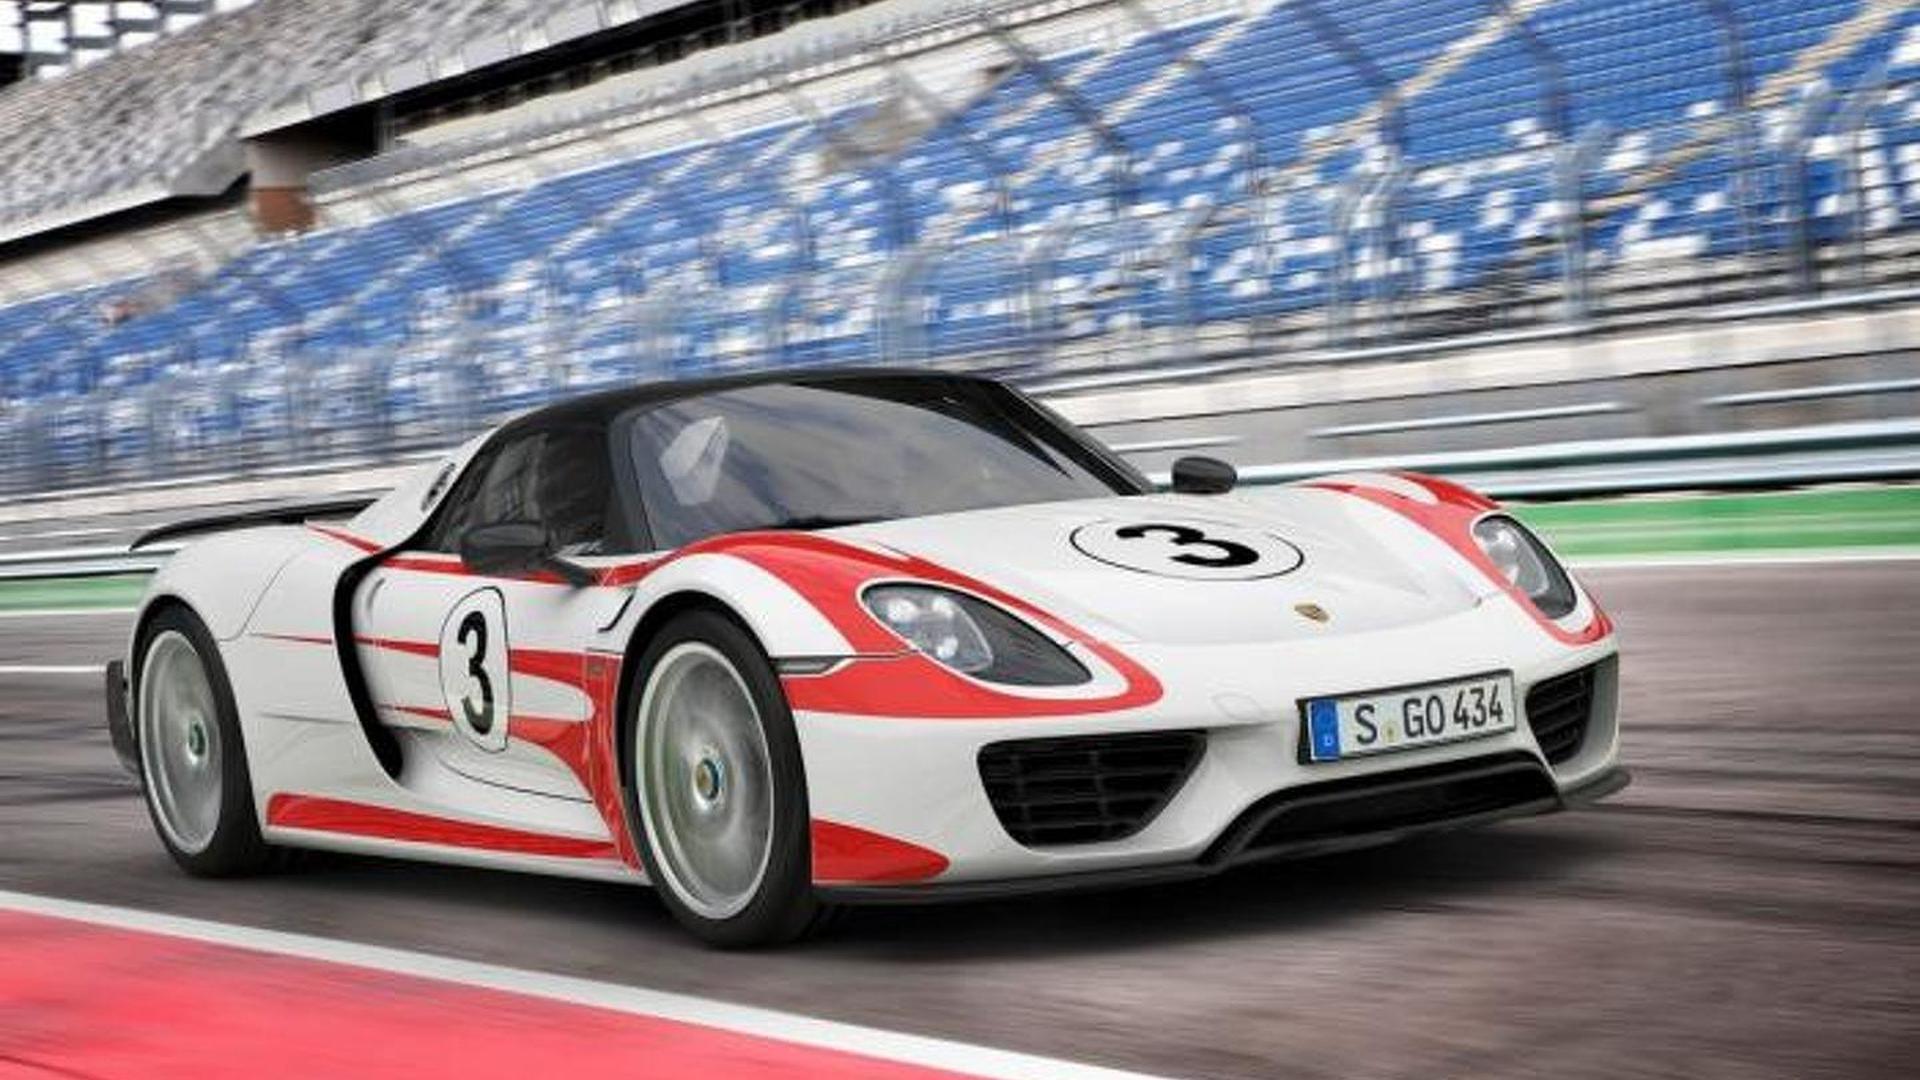 Porsche updates 918 Spyder performance figures, 0-60 mph in 2.5s